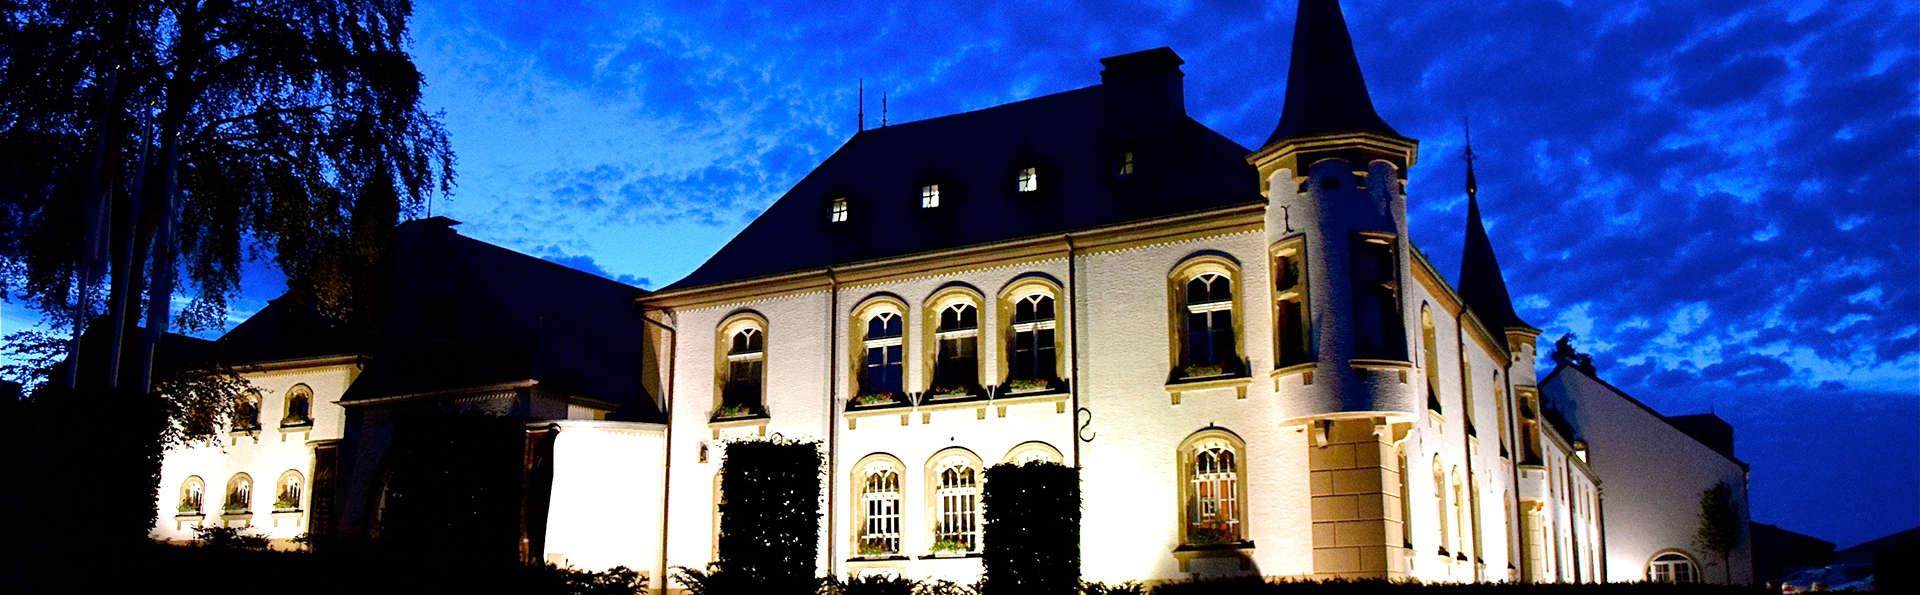 Château d'Urspelt - Edit_New_Front.jpg